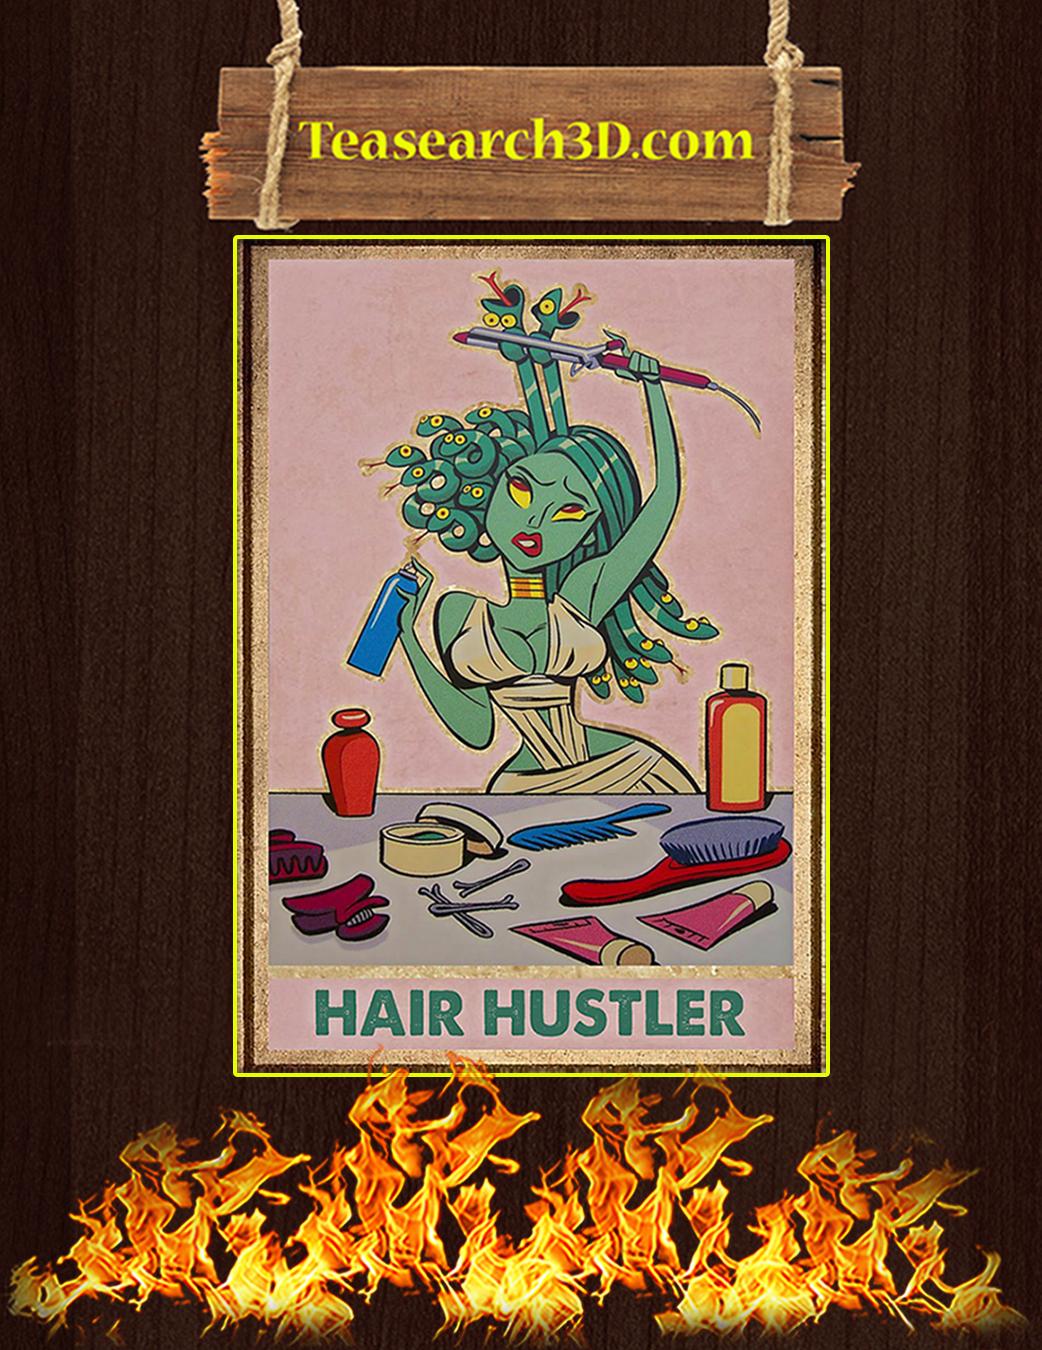 Hair hustler poster A1